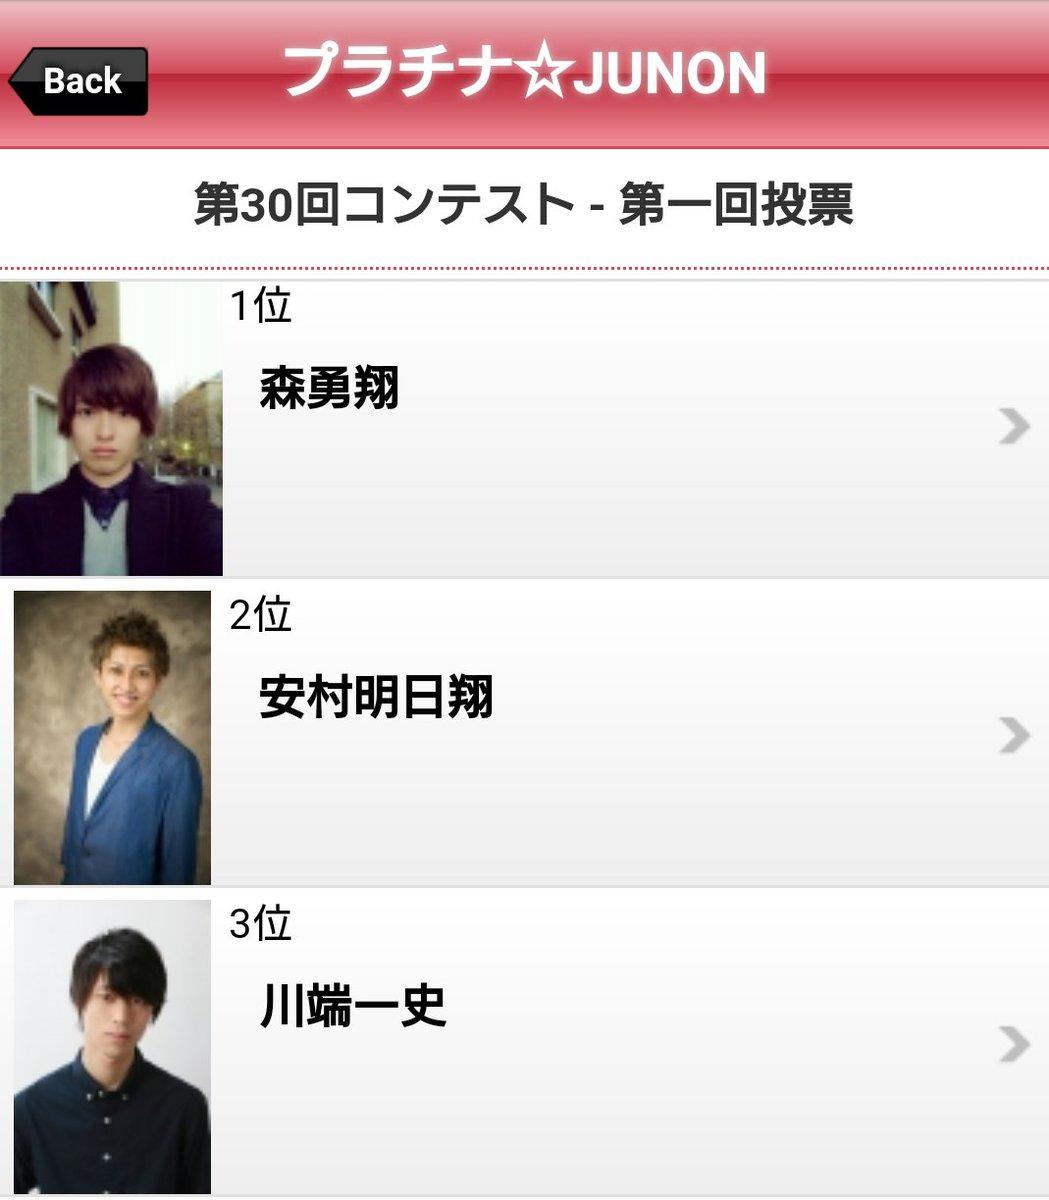 #ジュノンボーイ #投票中 #ショッカーズ #OB #11期 #チア男子 #男子チアたわしさんこと森勇翔さん、昨日に続い